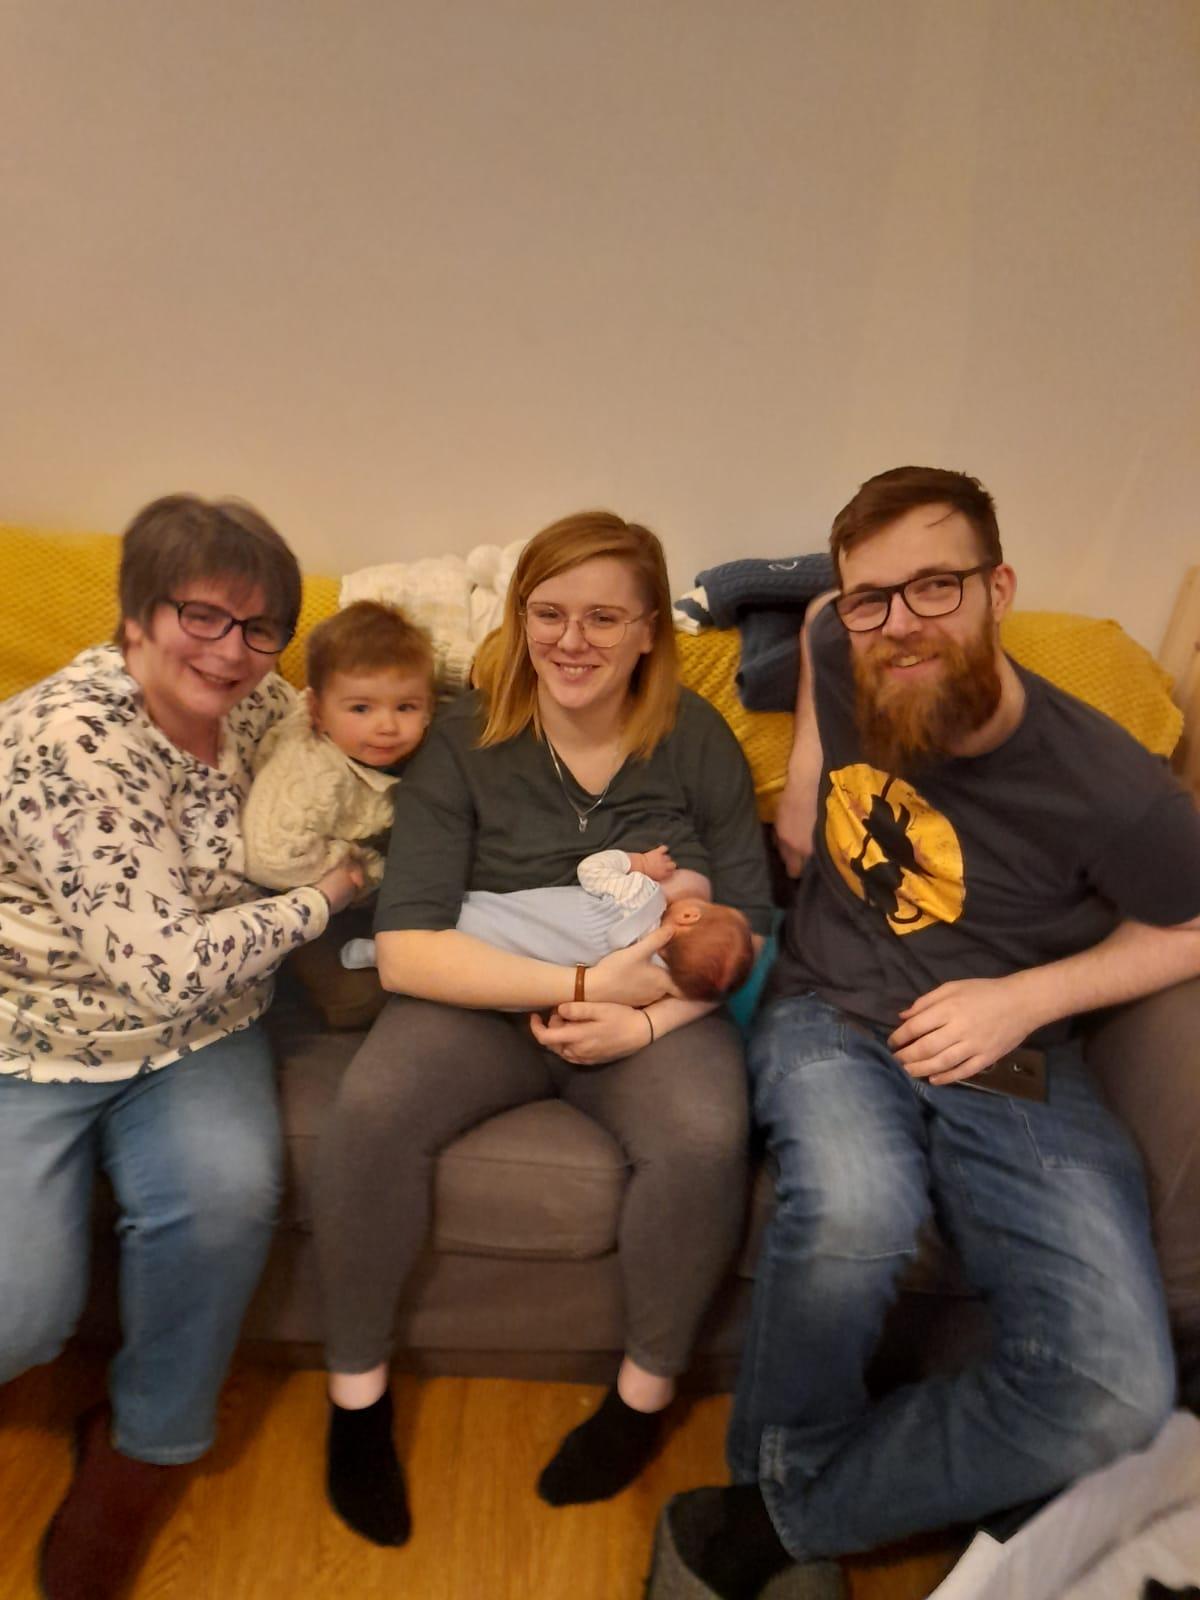 Finn with family